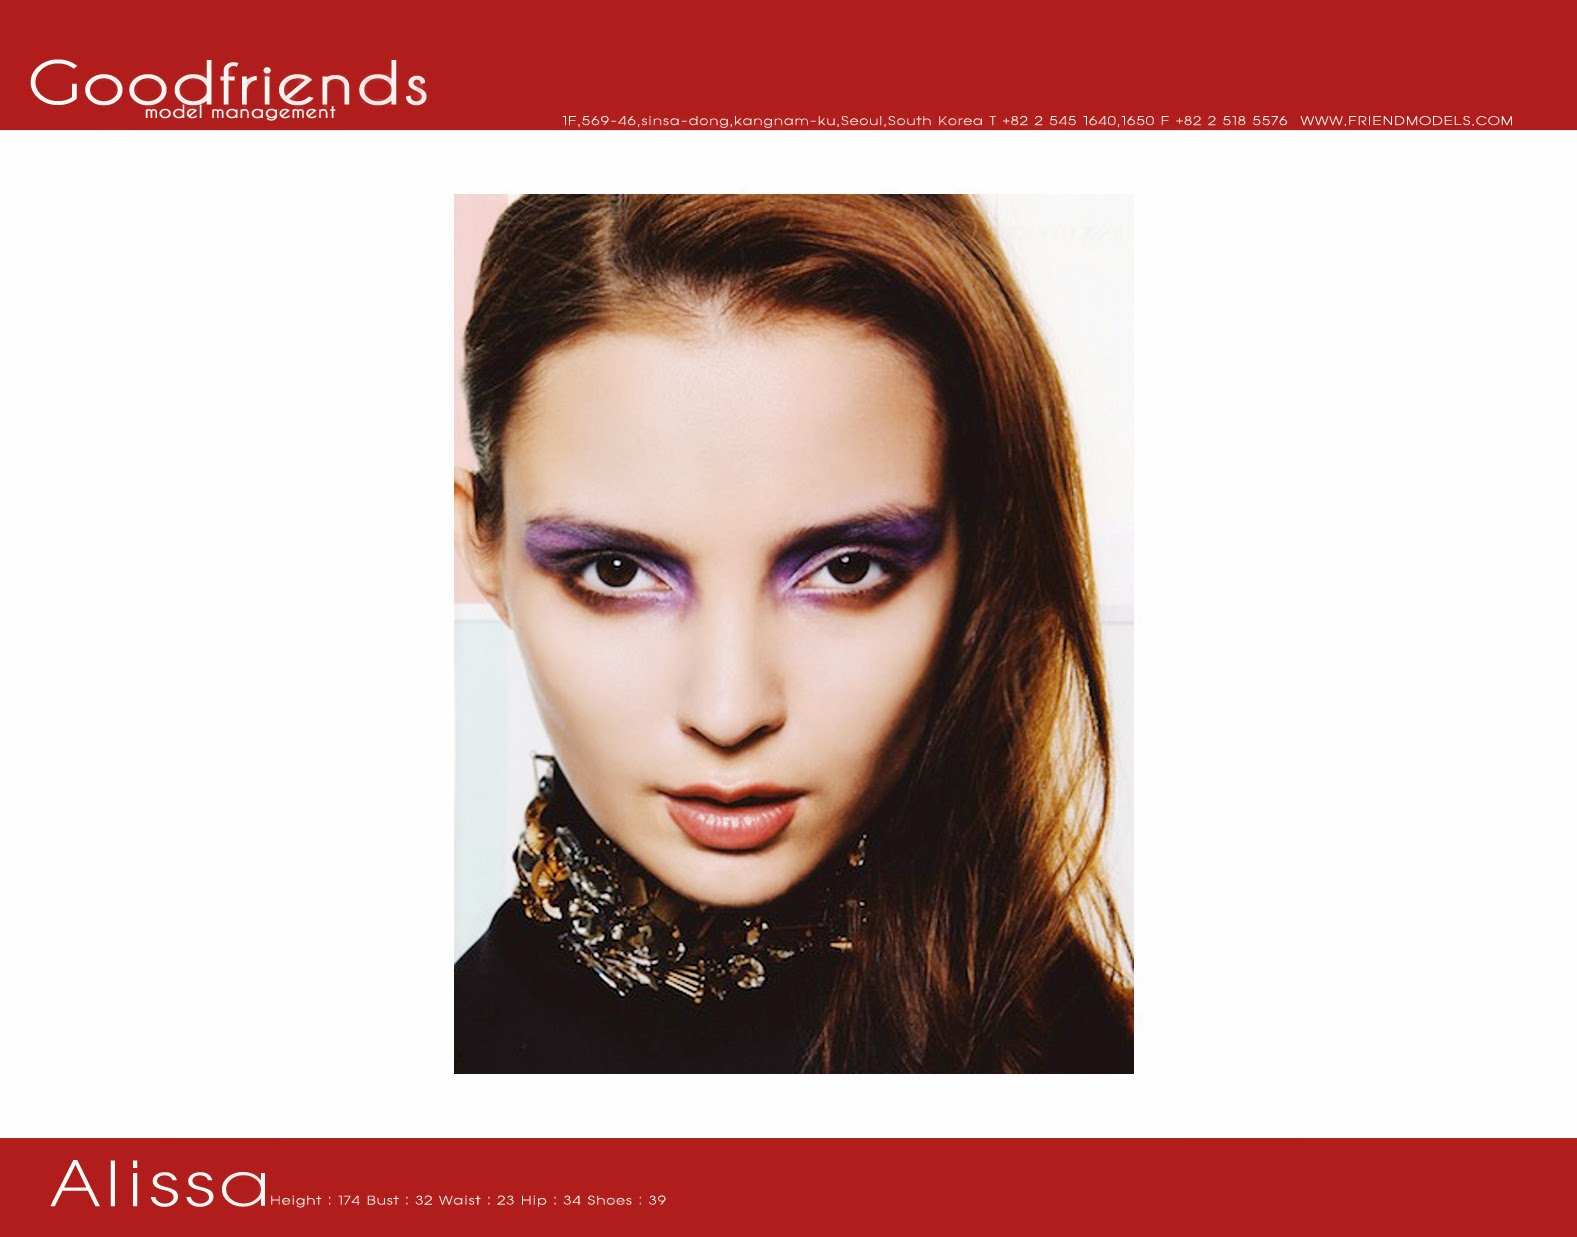 Goodfriends Model: Alissa For Comp Card In Korea